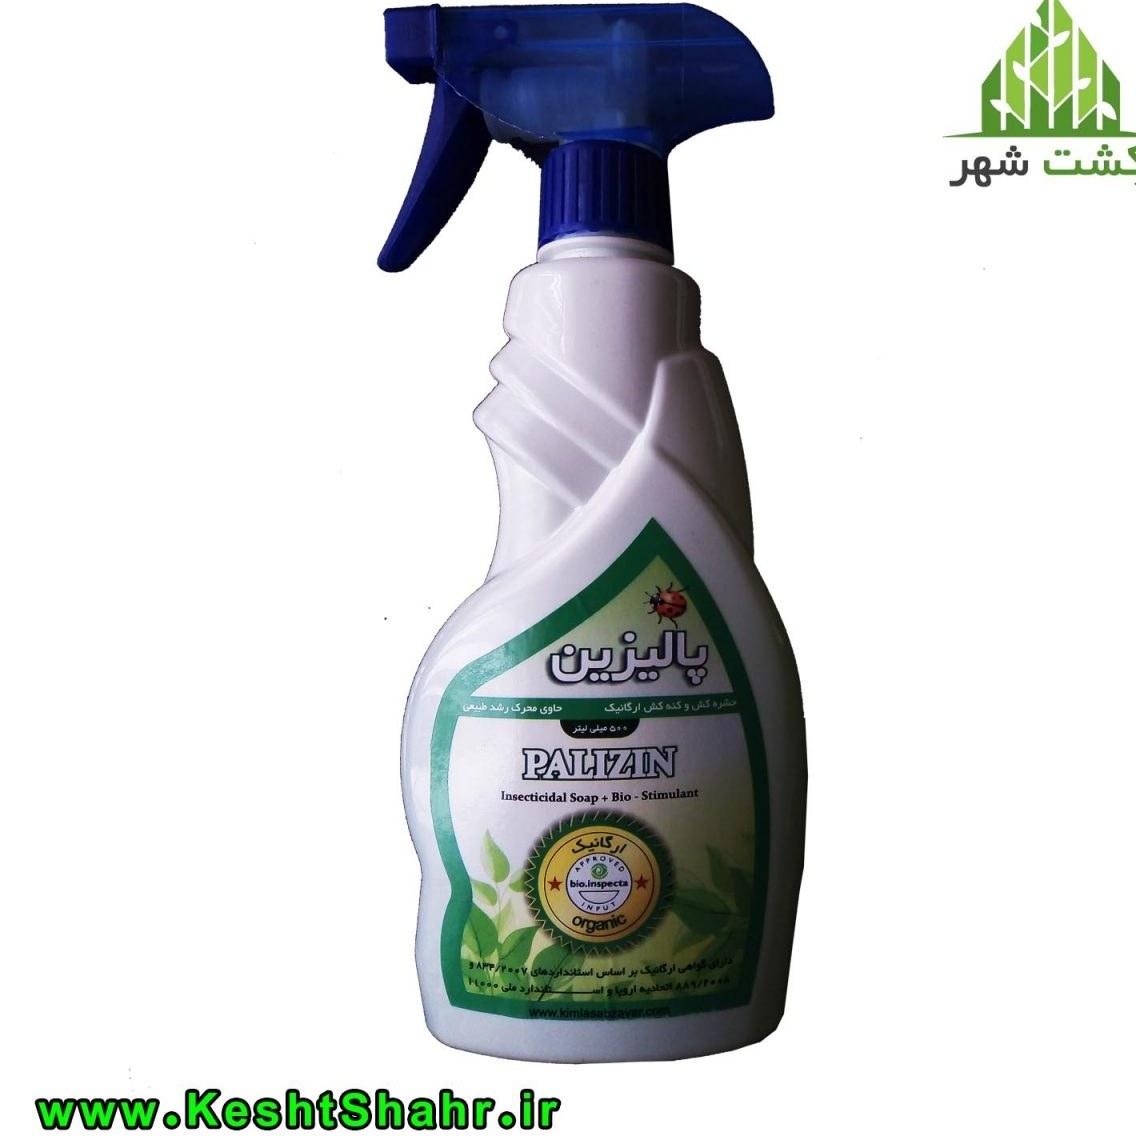 حشره کش ارگانیک پالیزین  